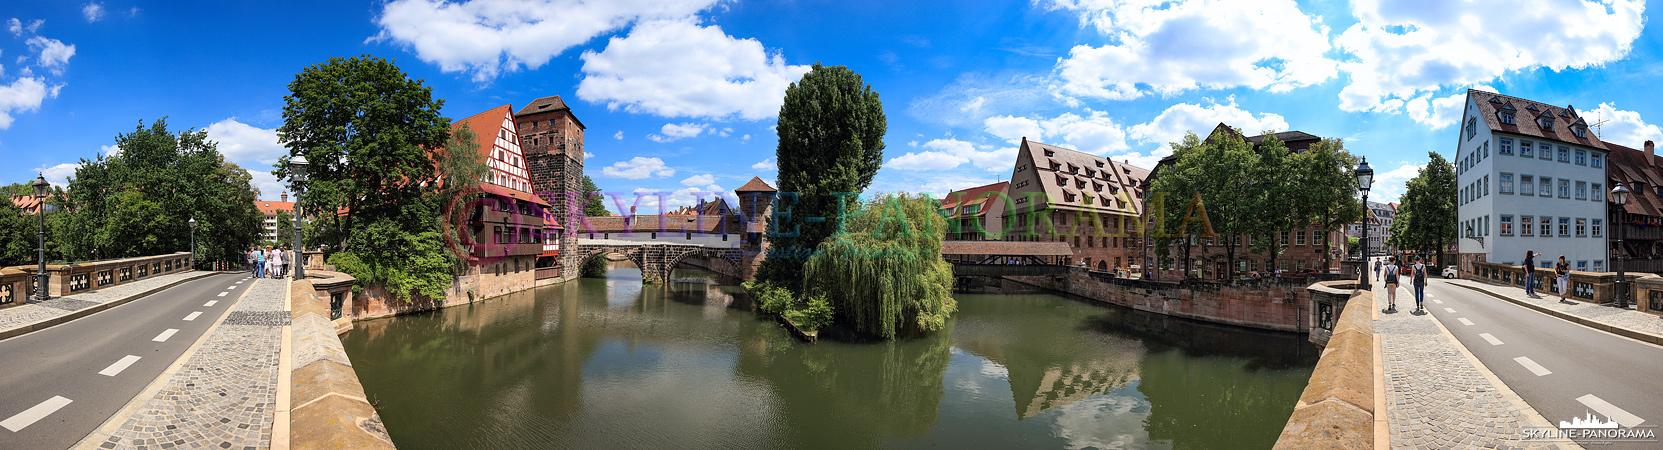 Blick von der Maxbrücke - Nürnberg